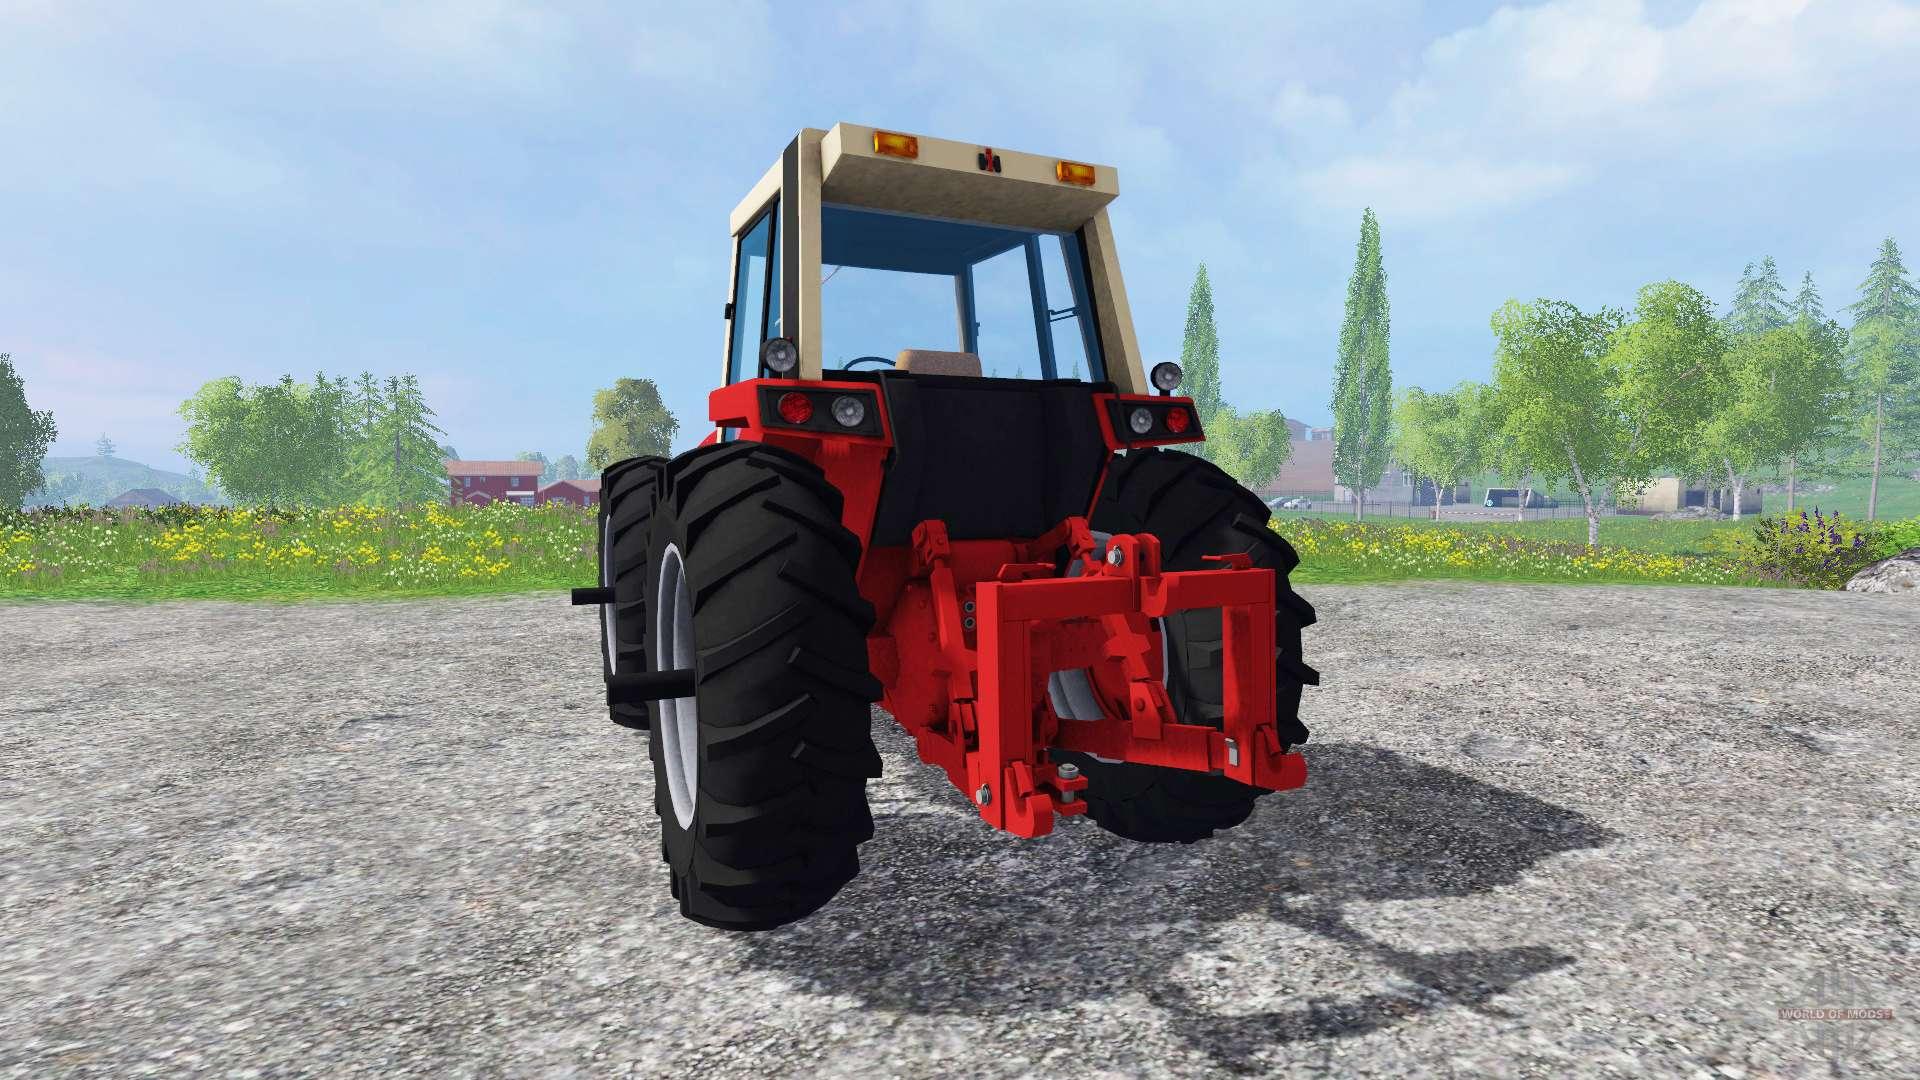 Ihc 3588 for farming simulator 2015 for California form 3588